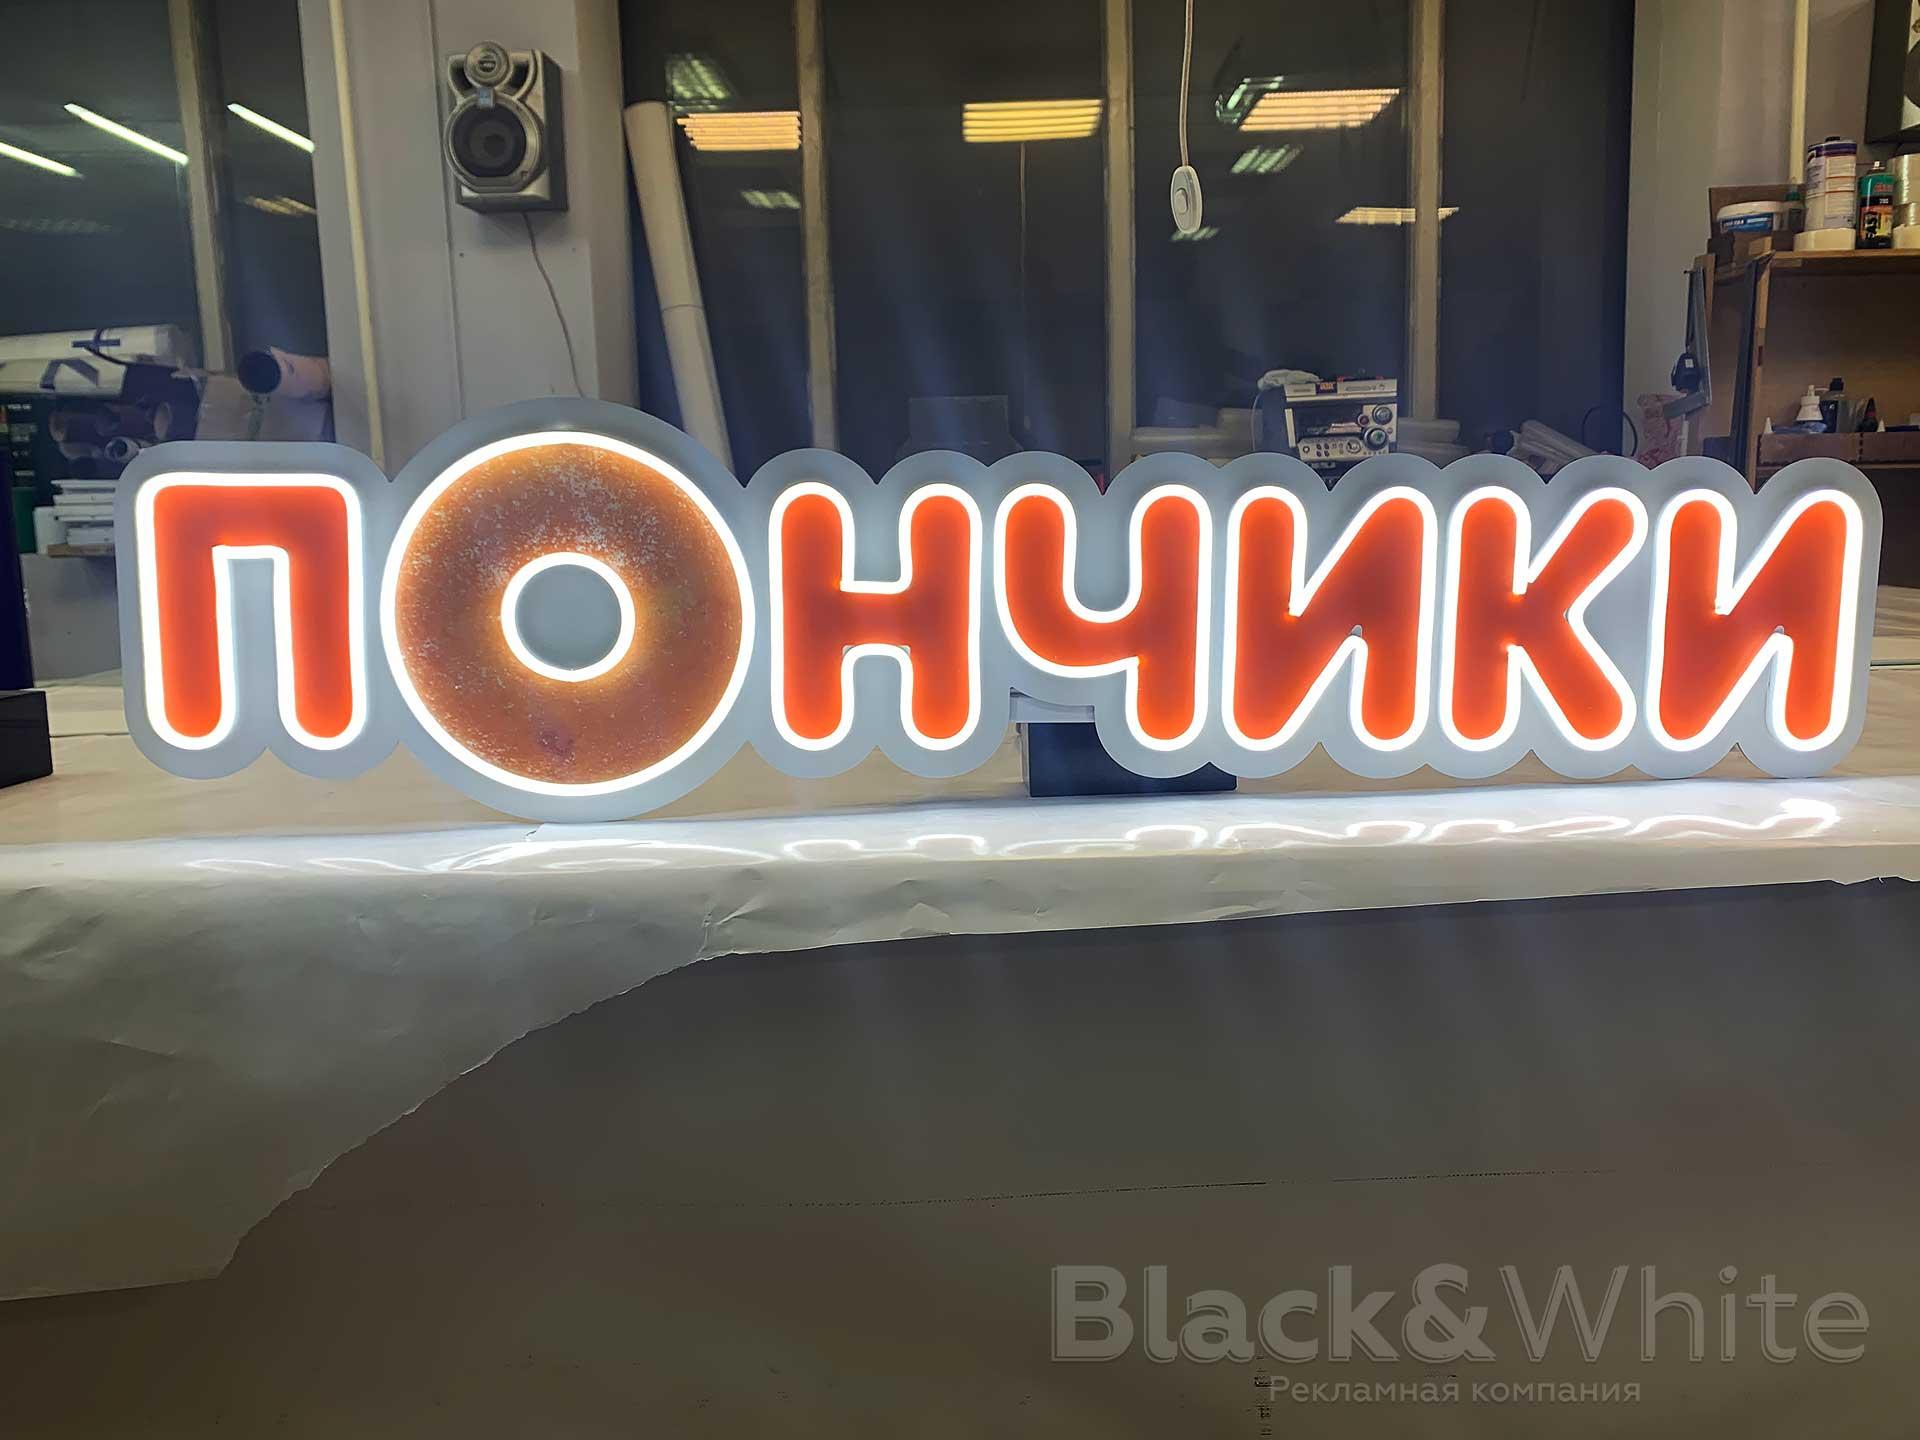 Неоновая-вывеска-пончики-изготовление-в-Красноярске.jpg